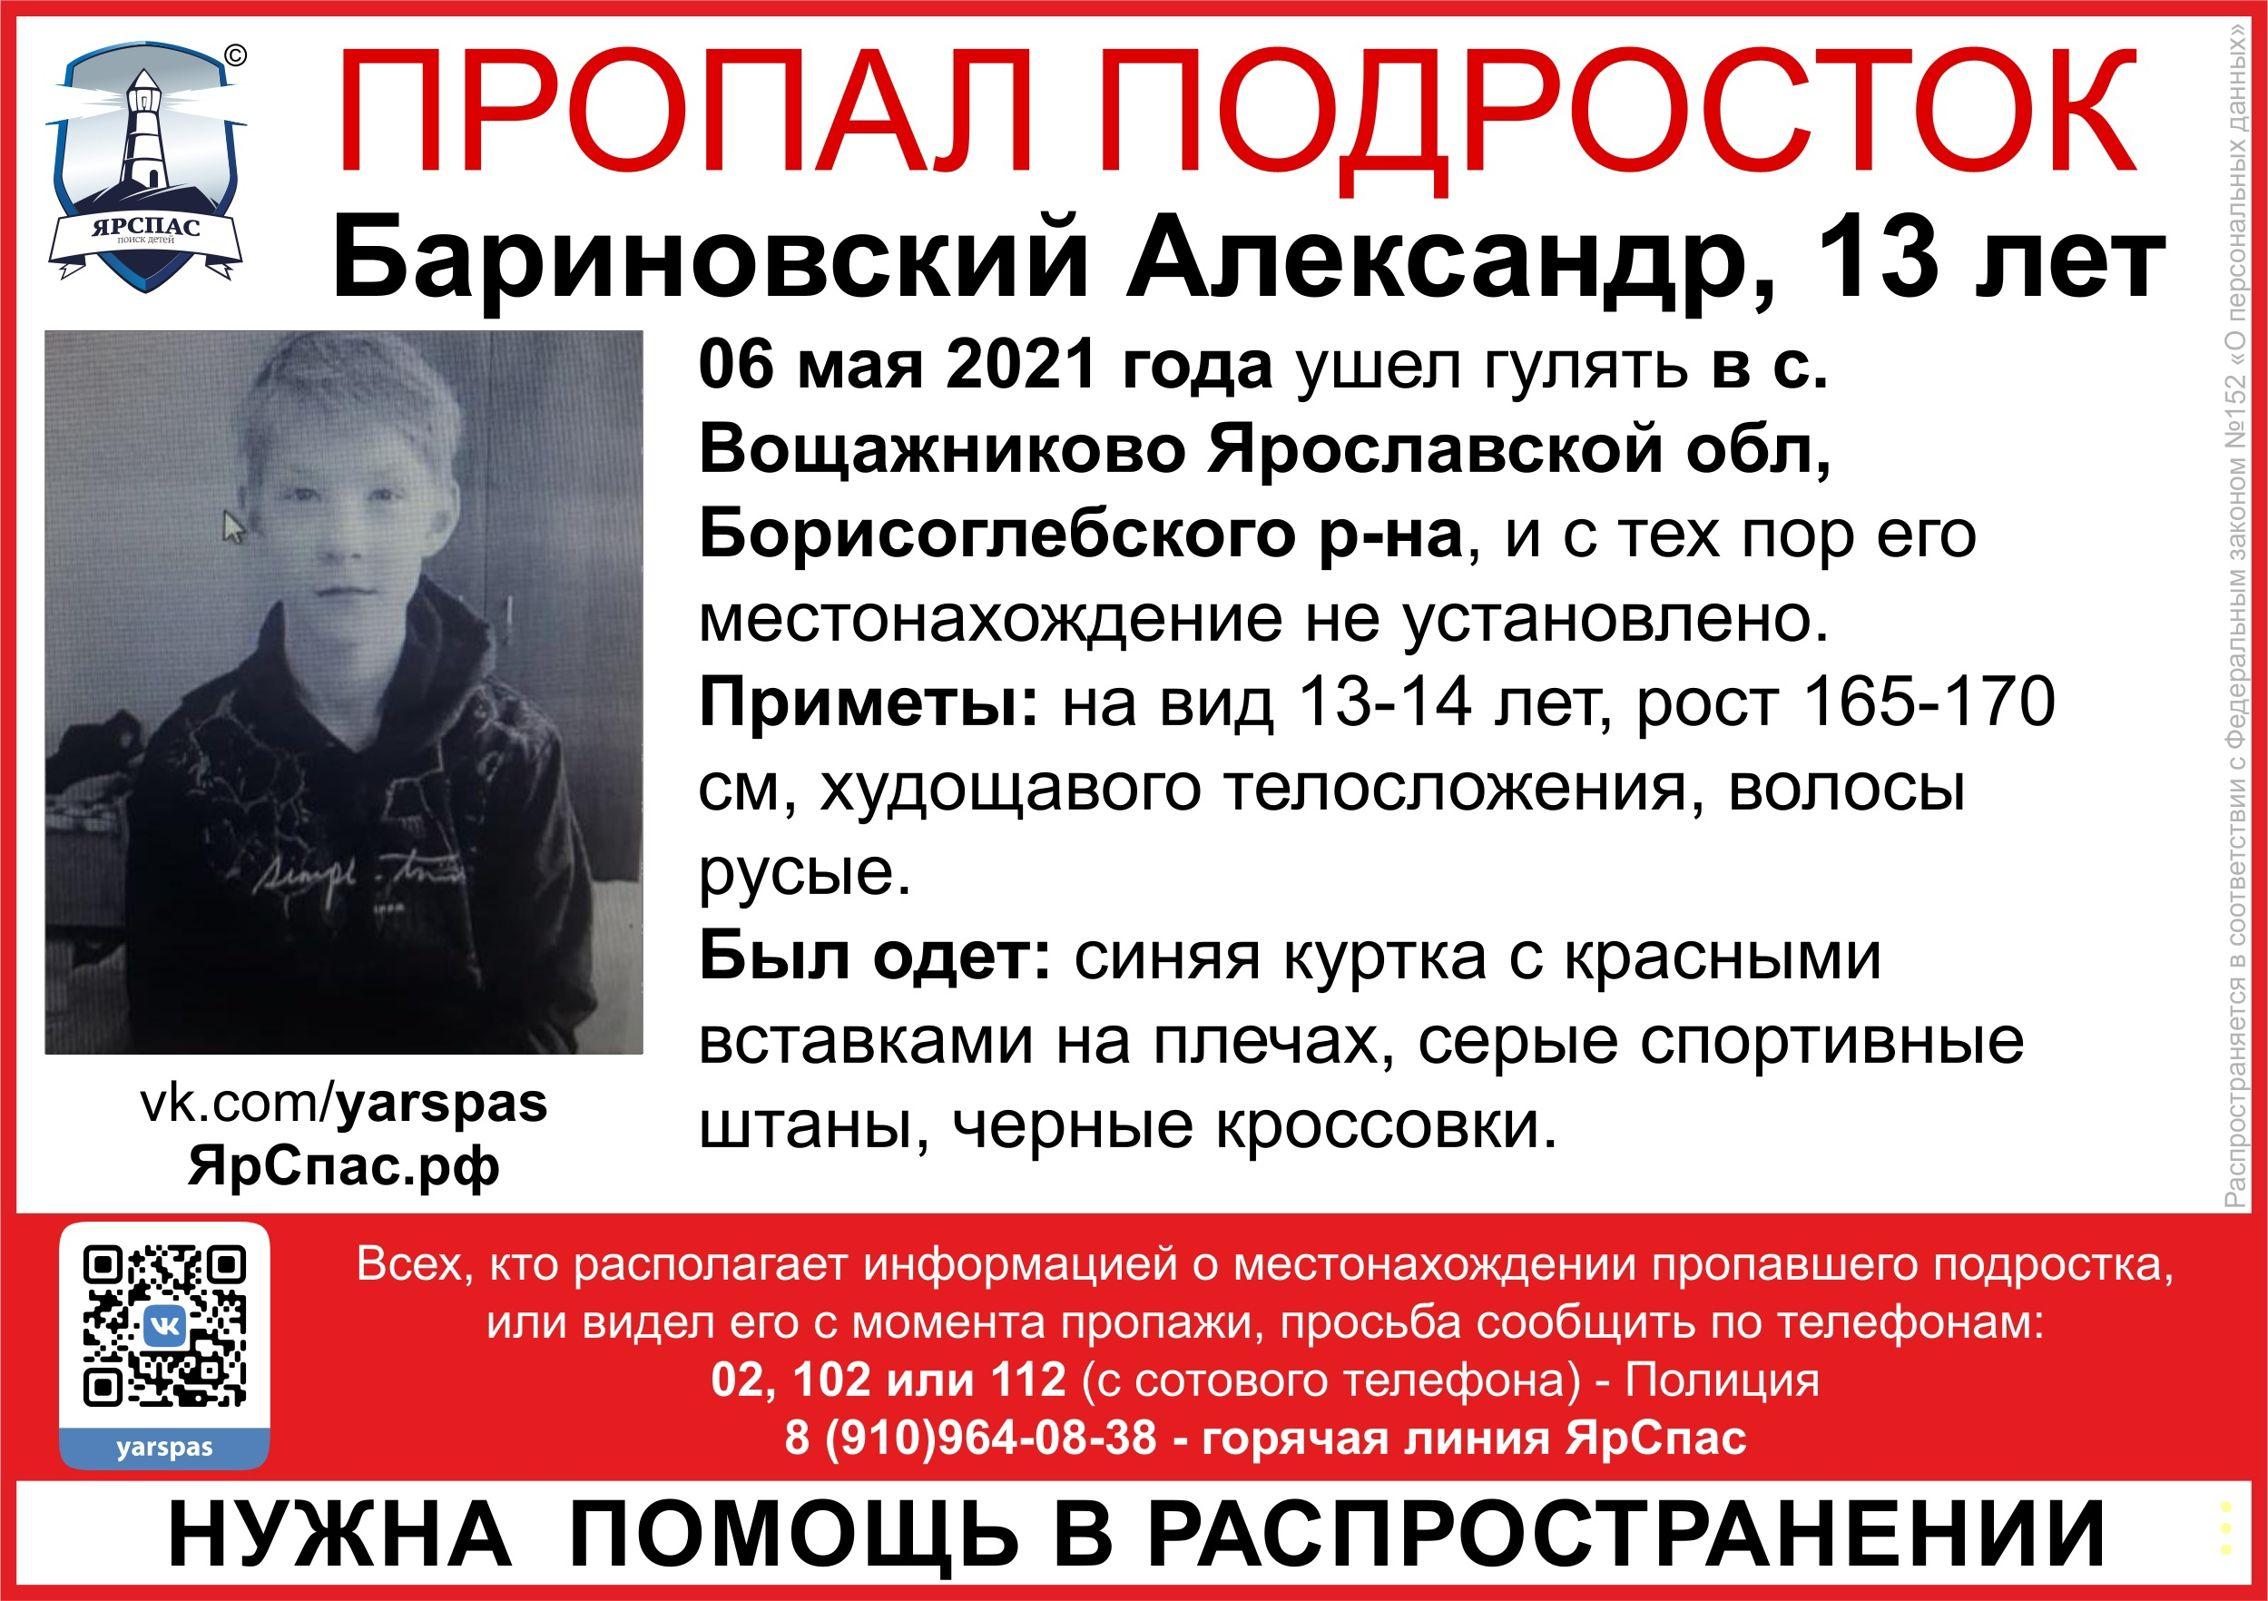 В Ярославской области ищут пропавшего 13-летнего подростка